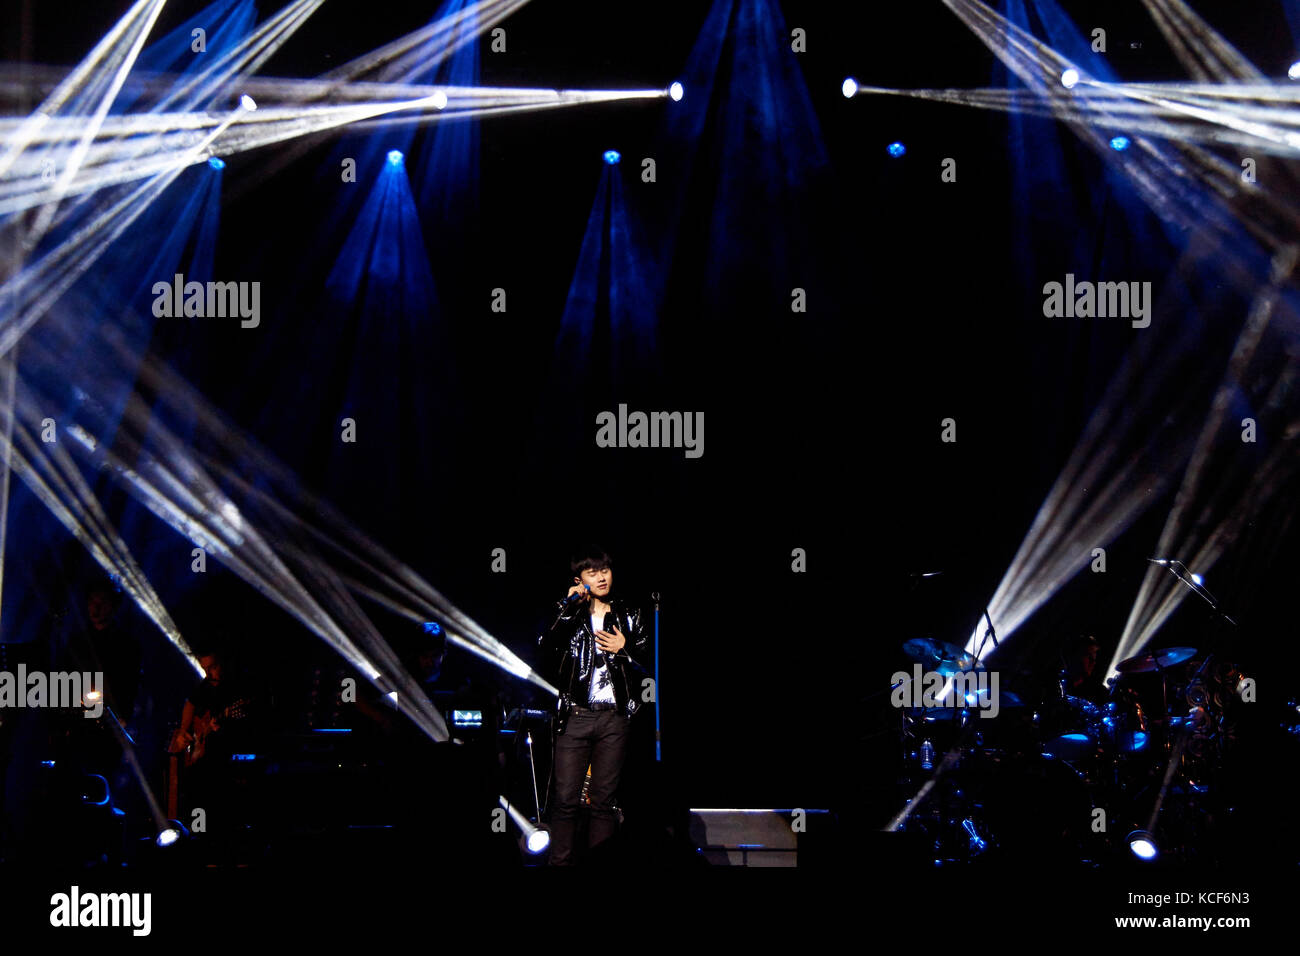 Londres, Reino Unido, 4 de octubre de 2017. zhang jie concierto en el o2 indigo como parte del sonido de mi corazón Foto de stock